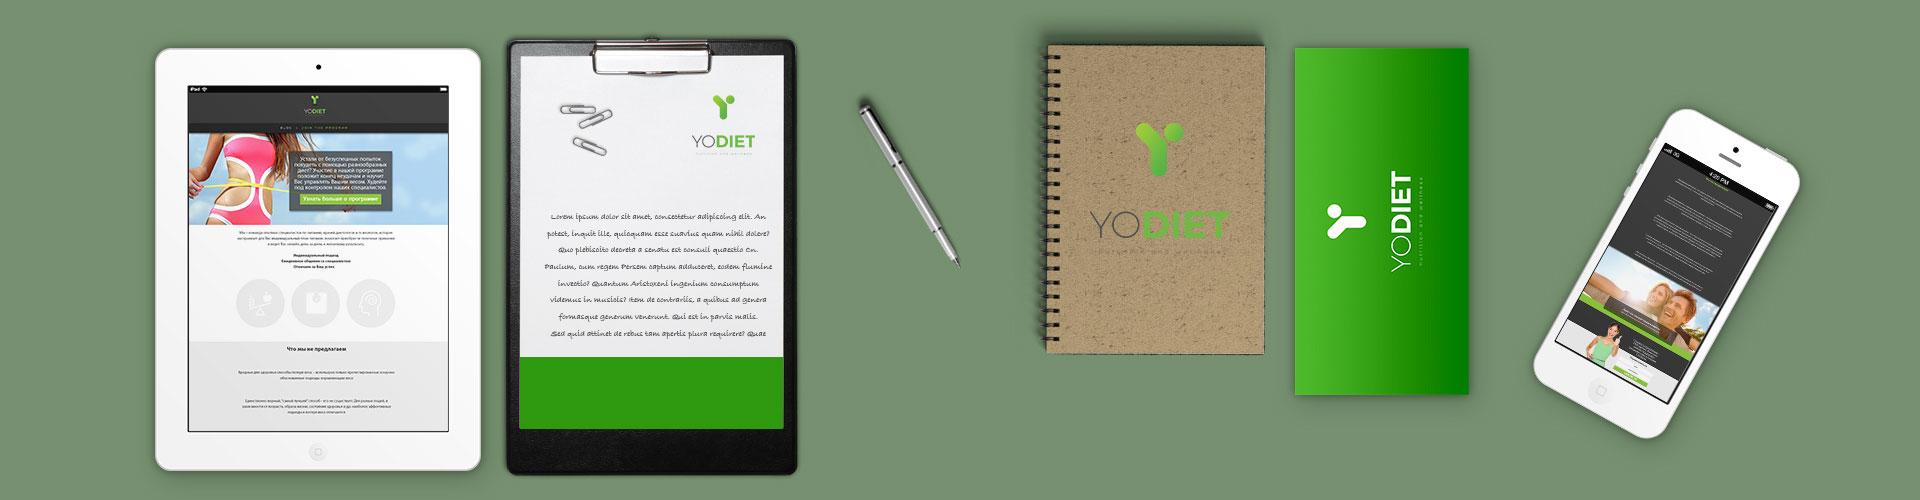 yo-diet-banner